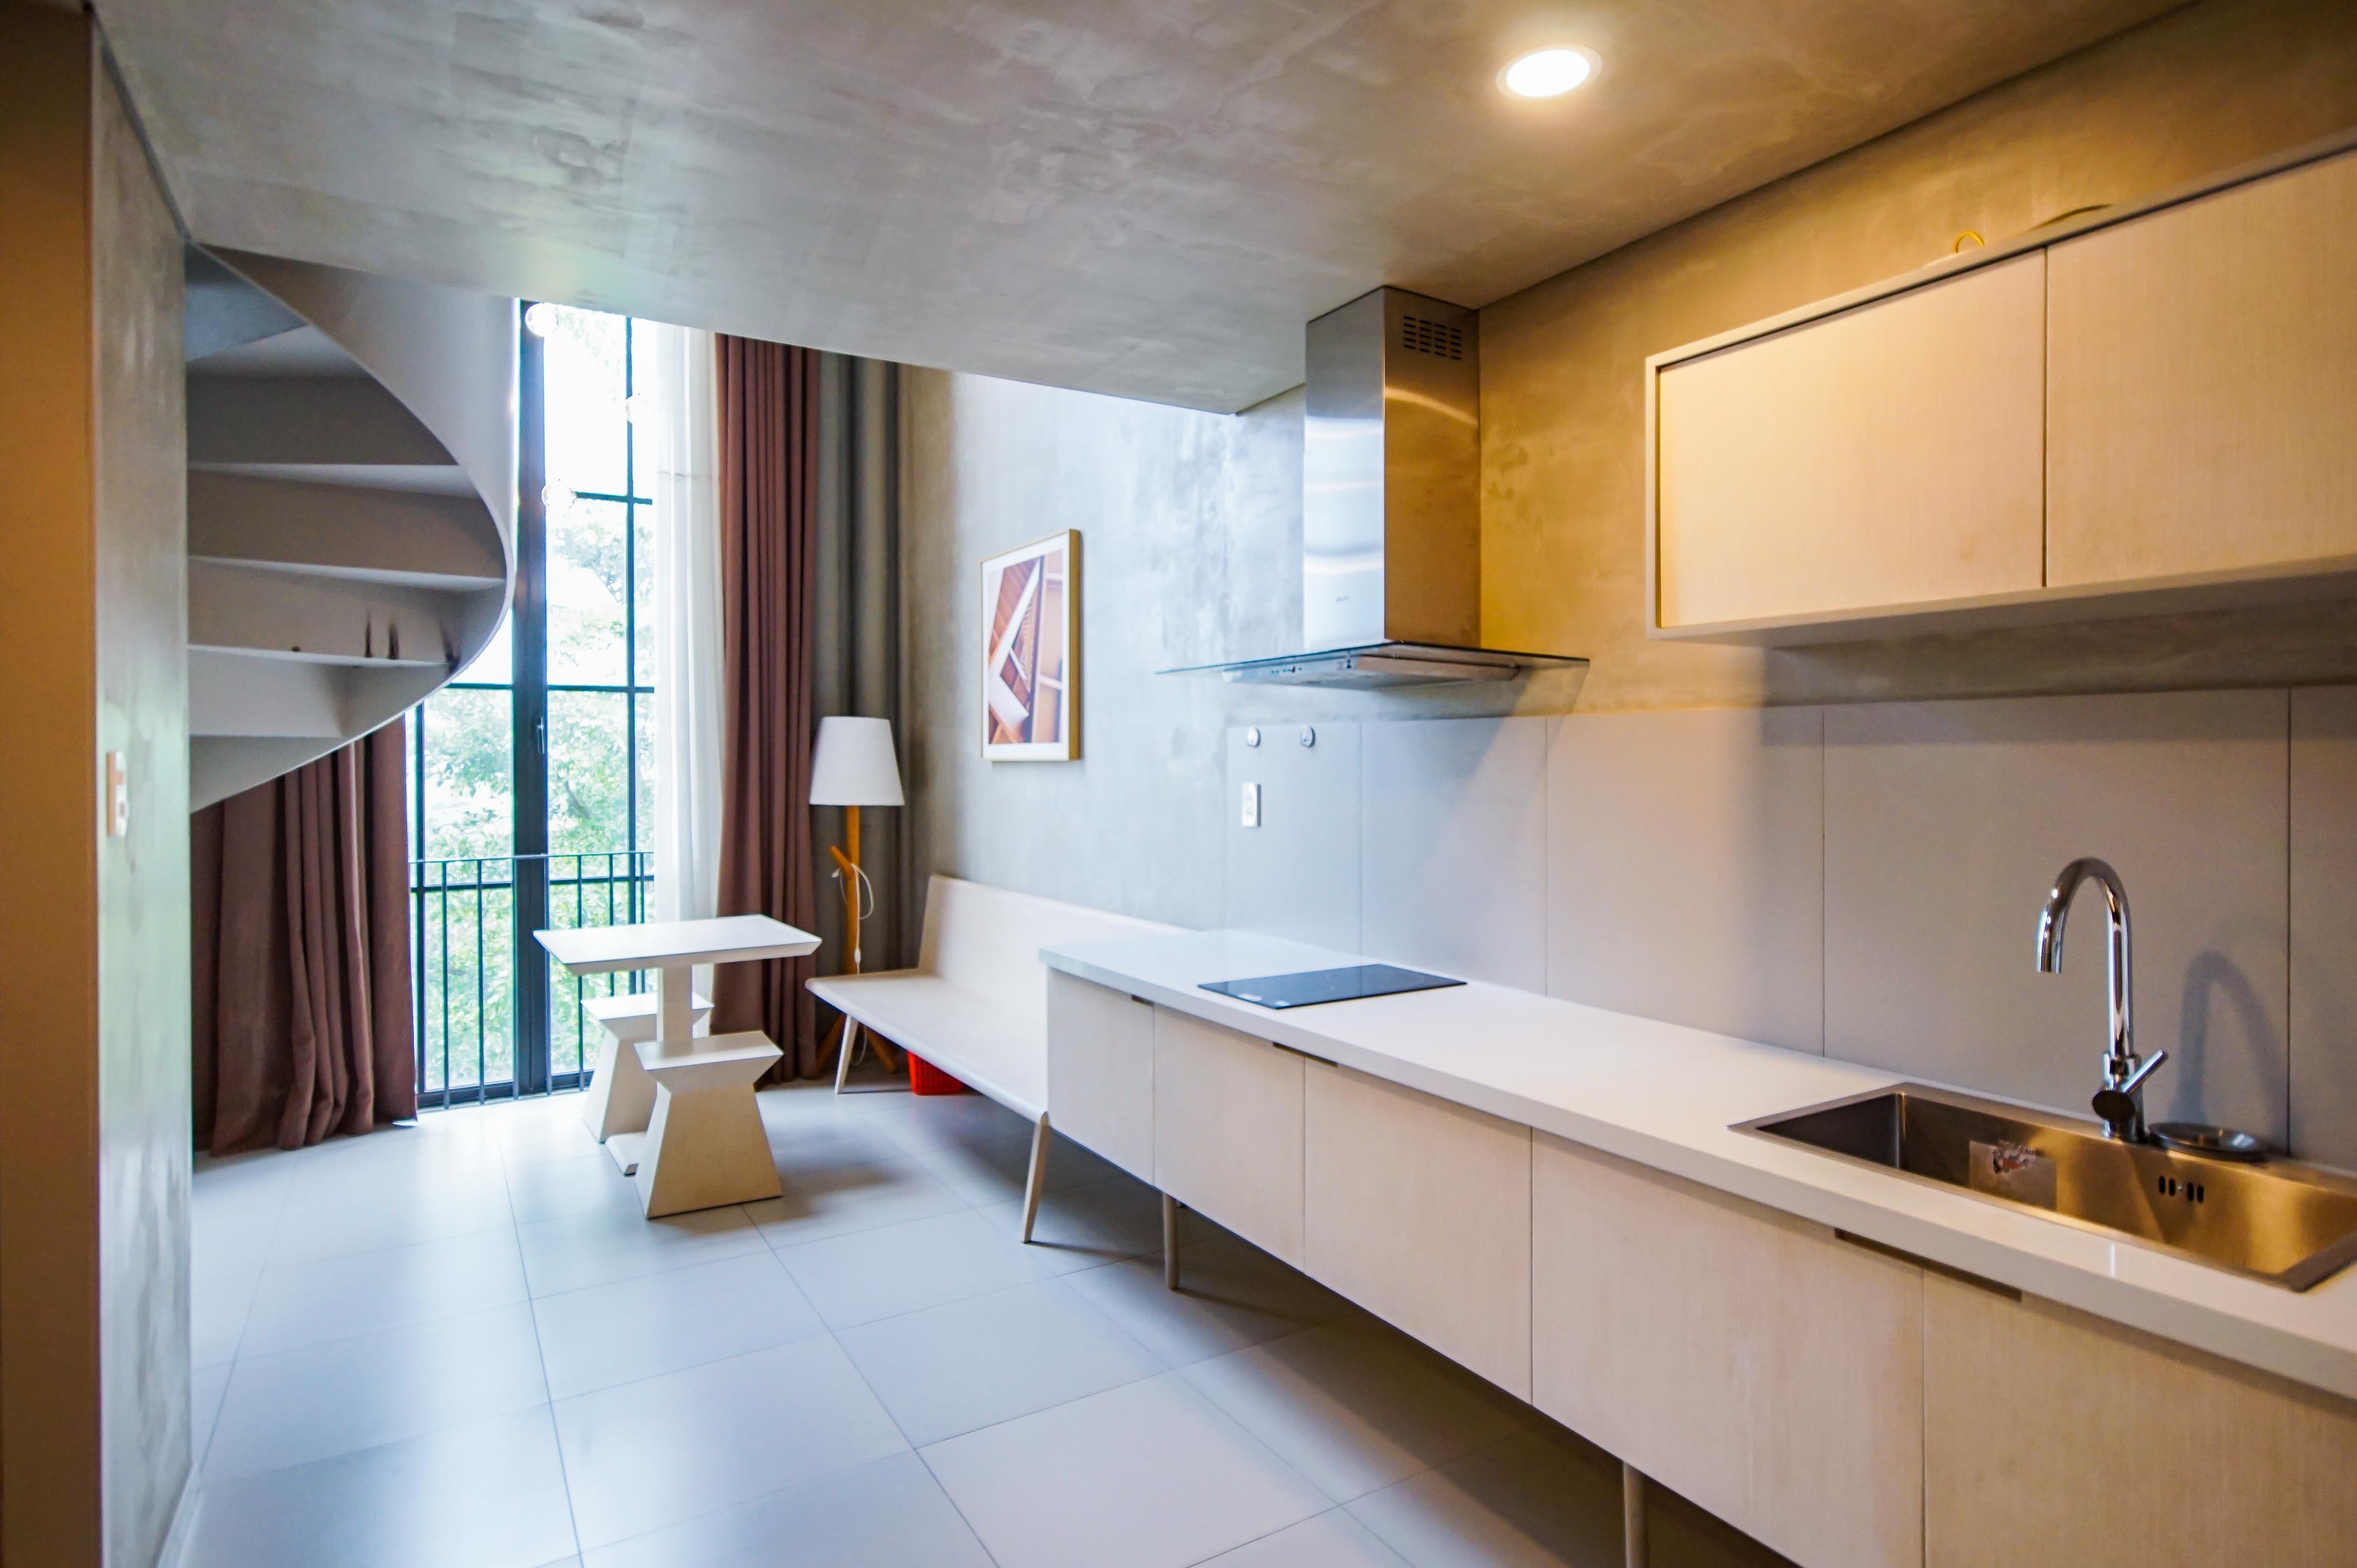 Cho Thuê Căn Hộ Dịch Vụ Duplex 1 PN - Đầy Đủ Nội Thất & Ấm Cúng -17